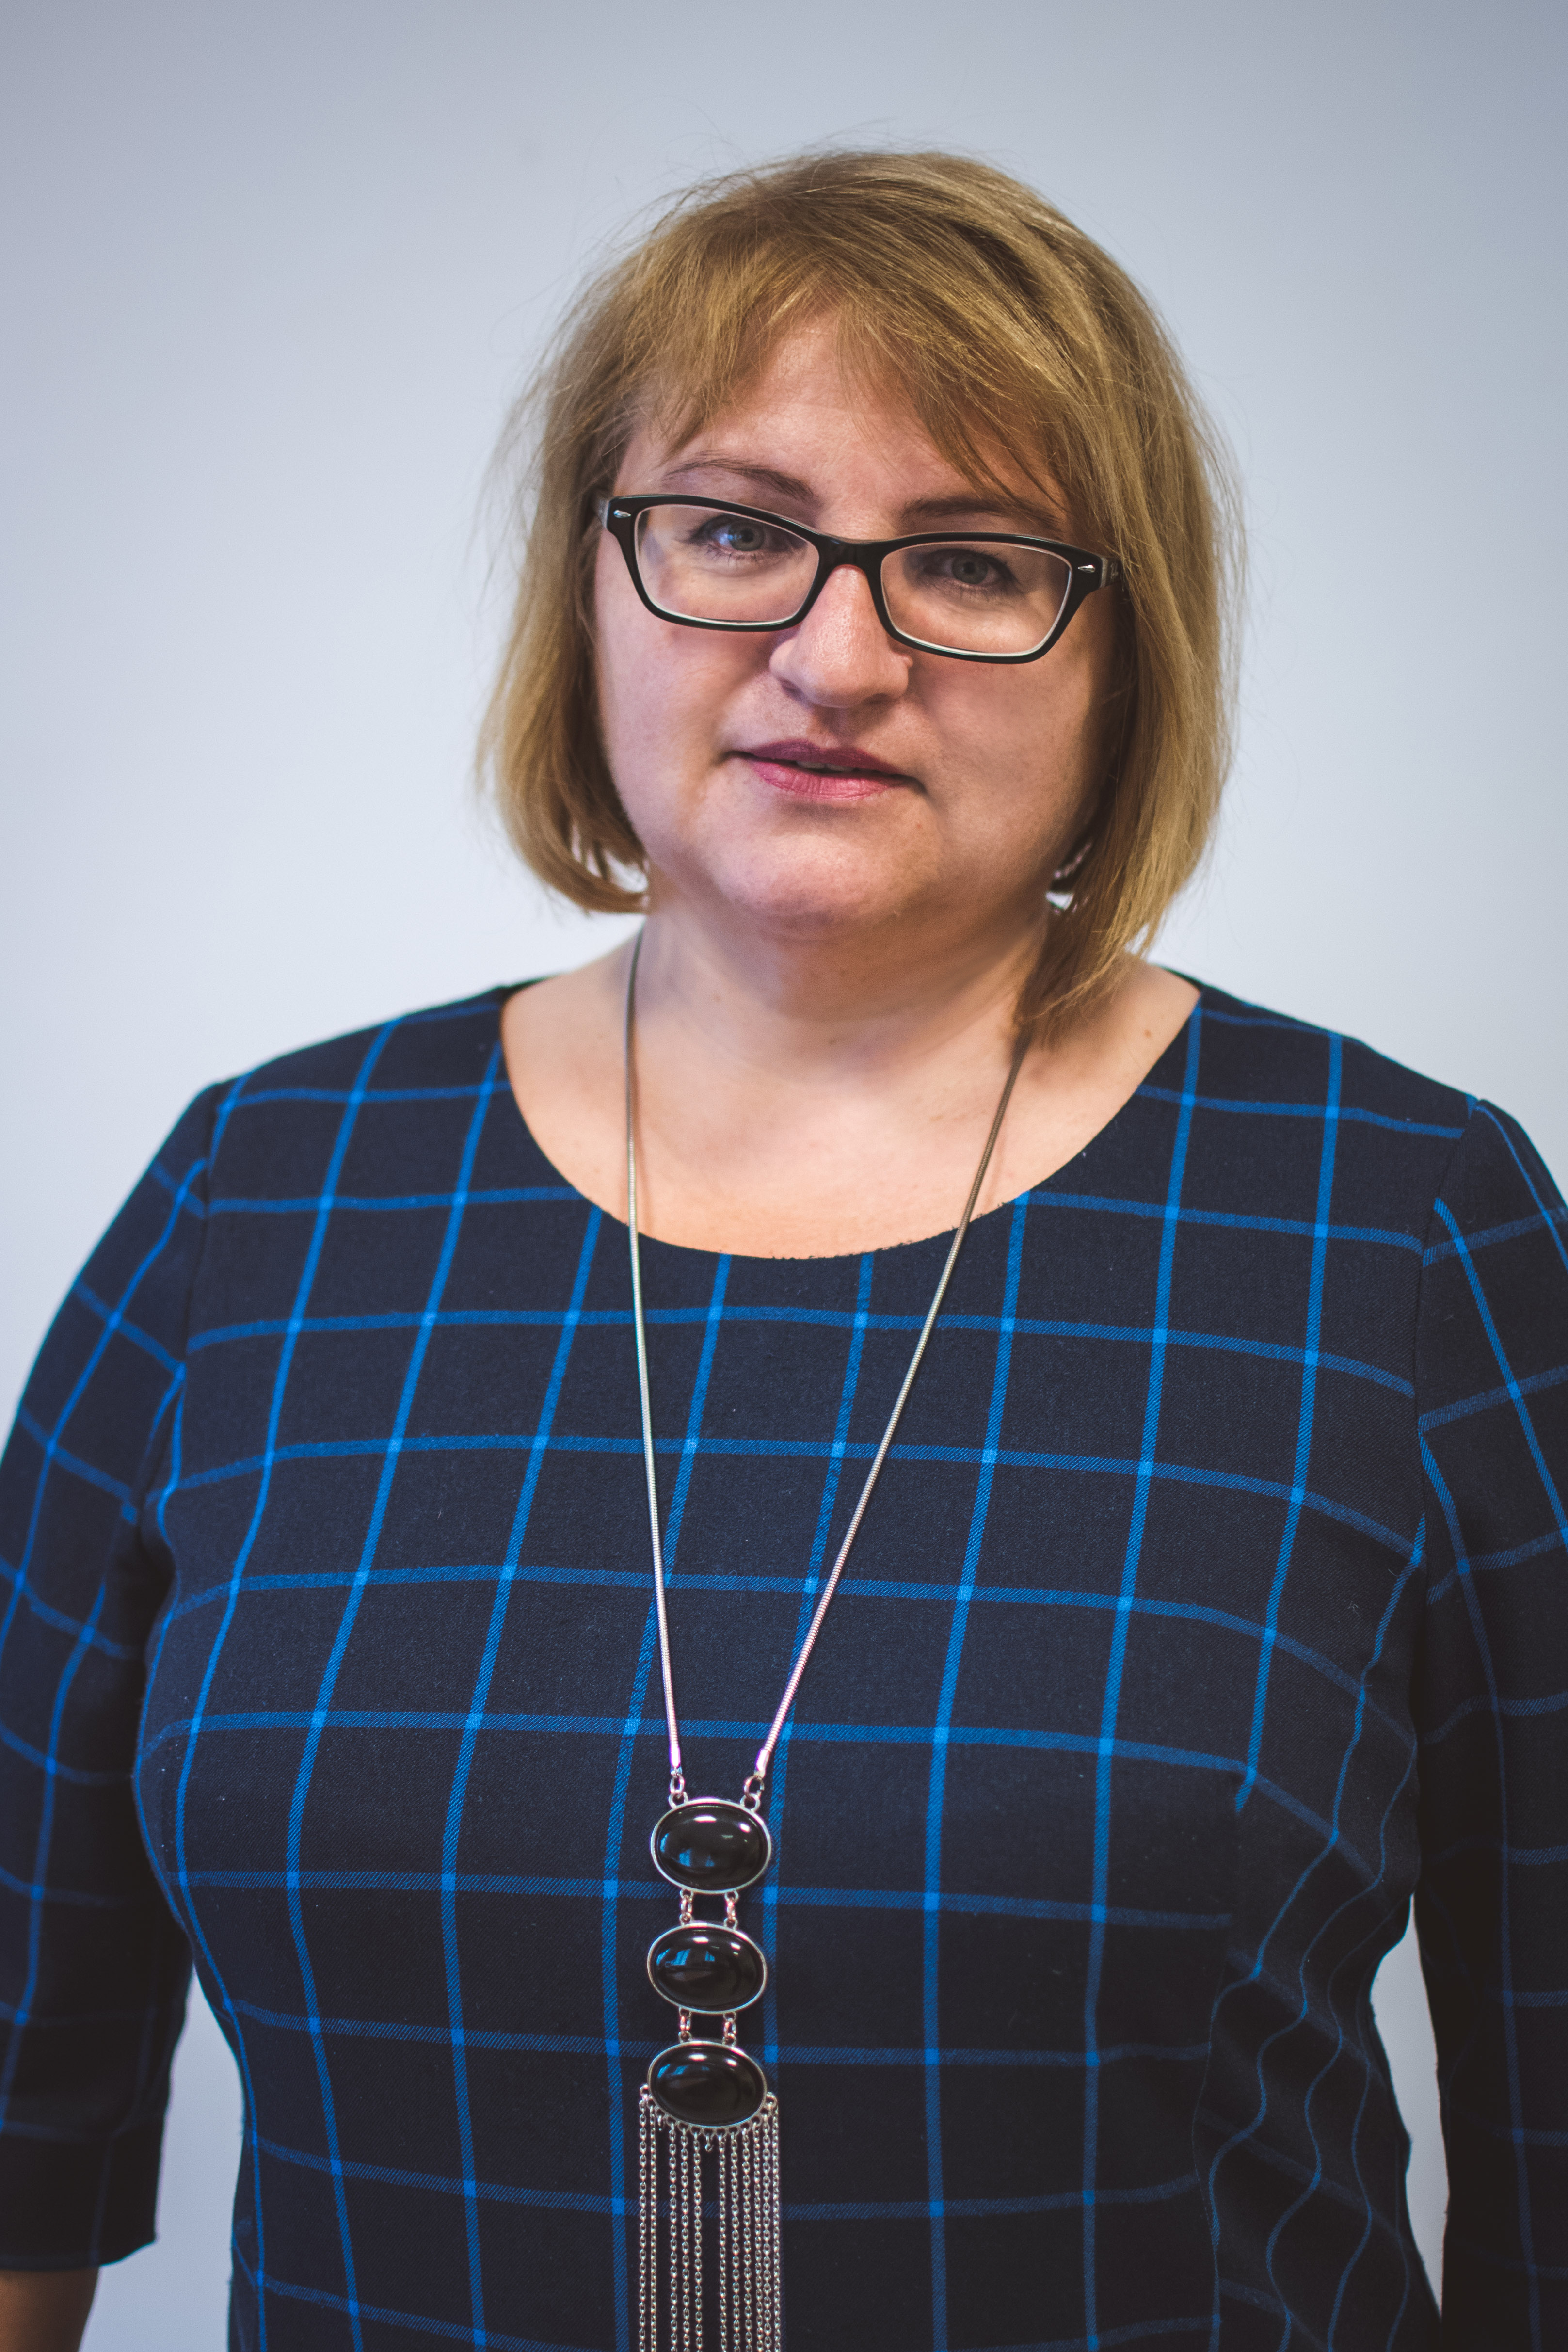 Anita Jansone